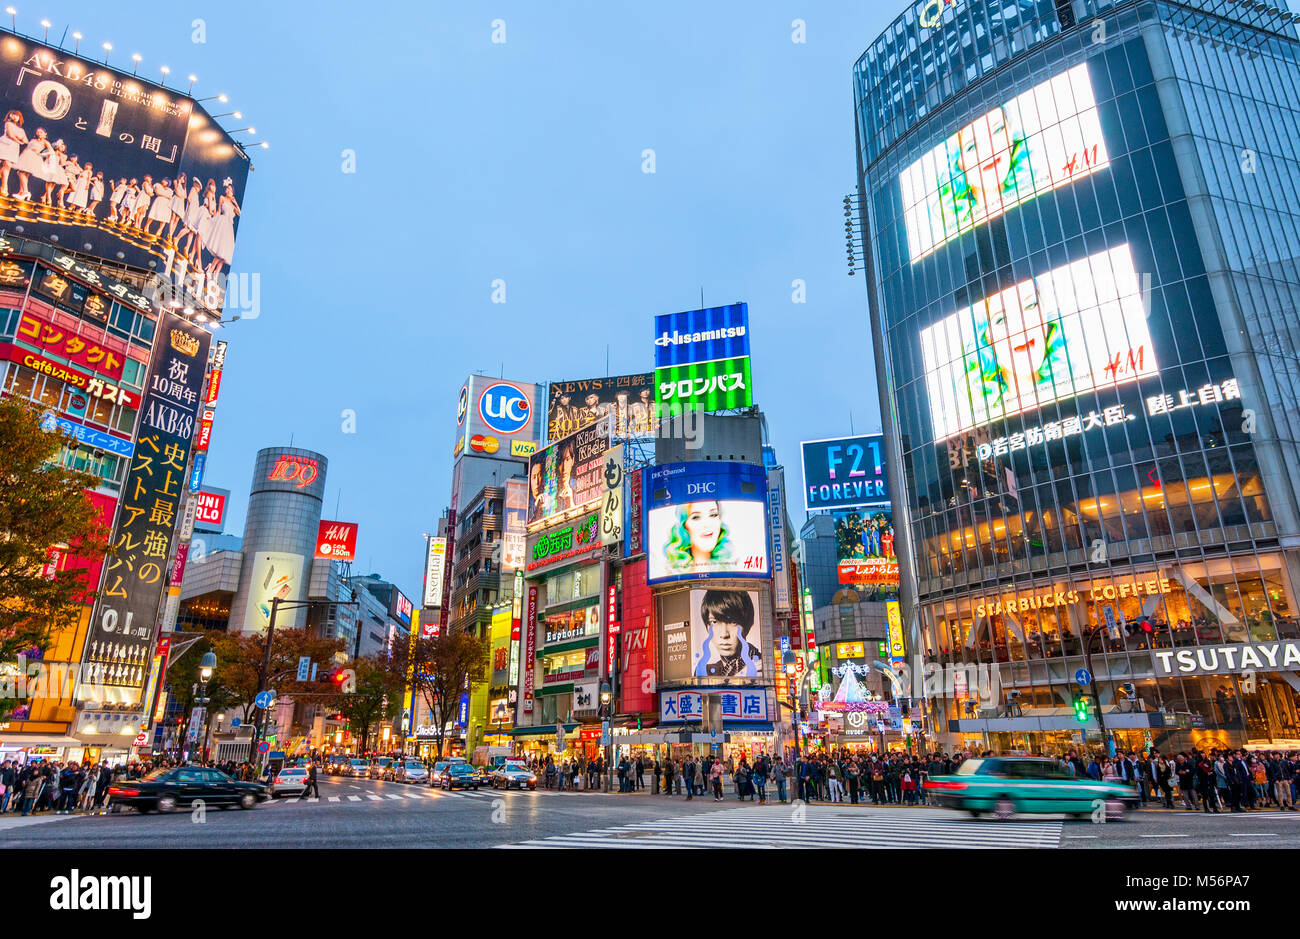 El cruce Shibuya de Tokio Japón Hachiko Square Imagen De Stock